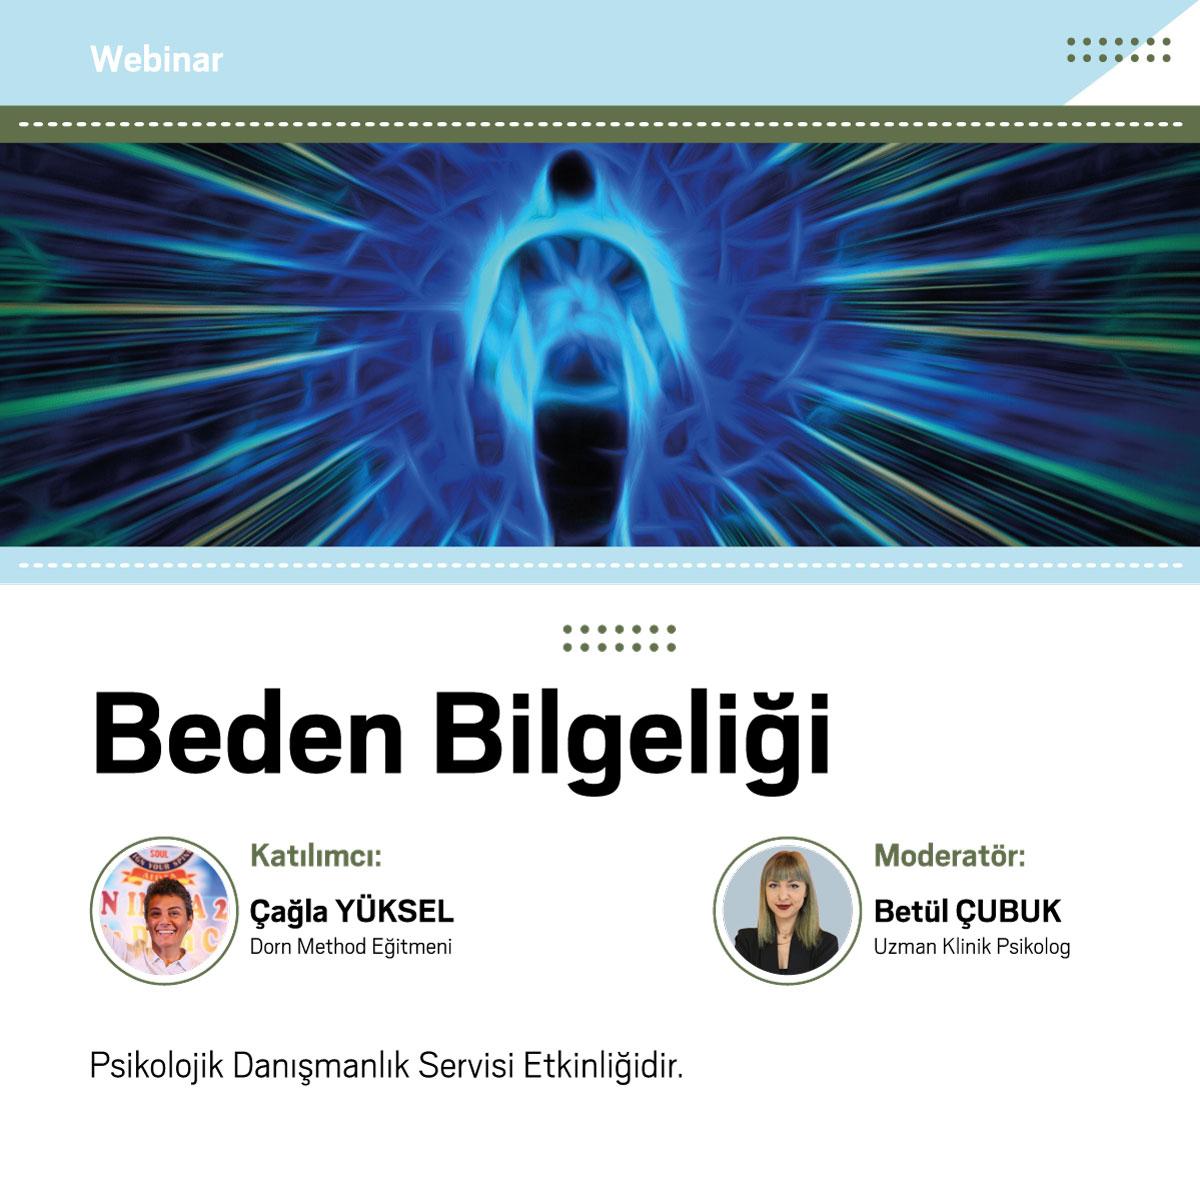 Beden_Bilgeliği_pc